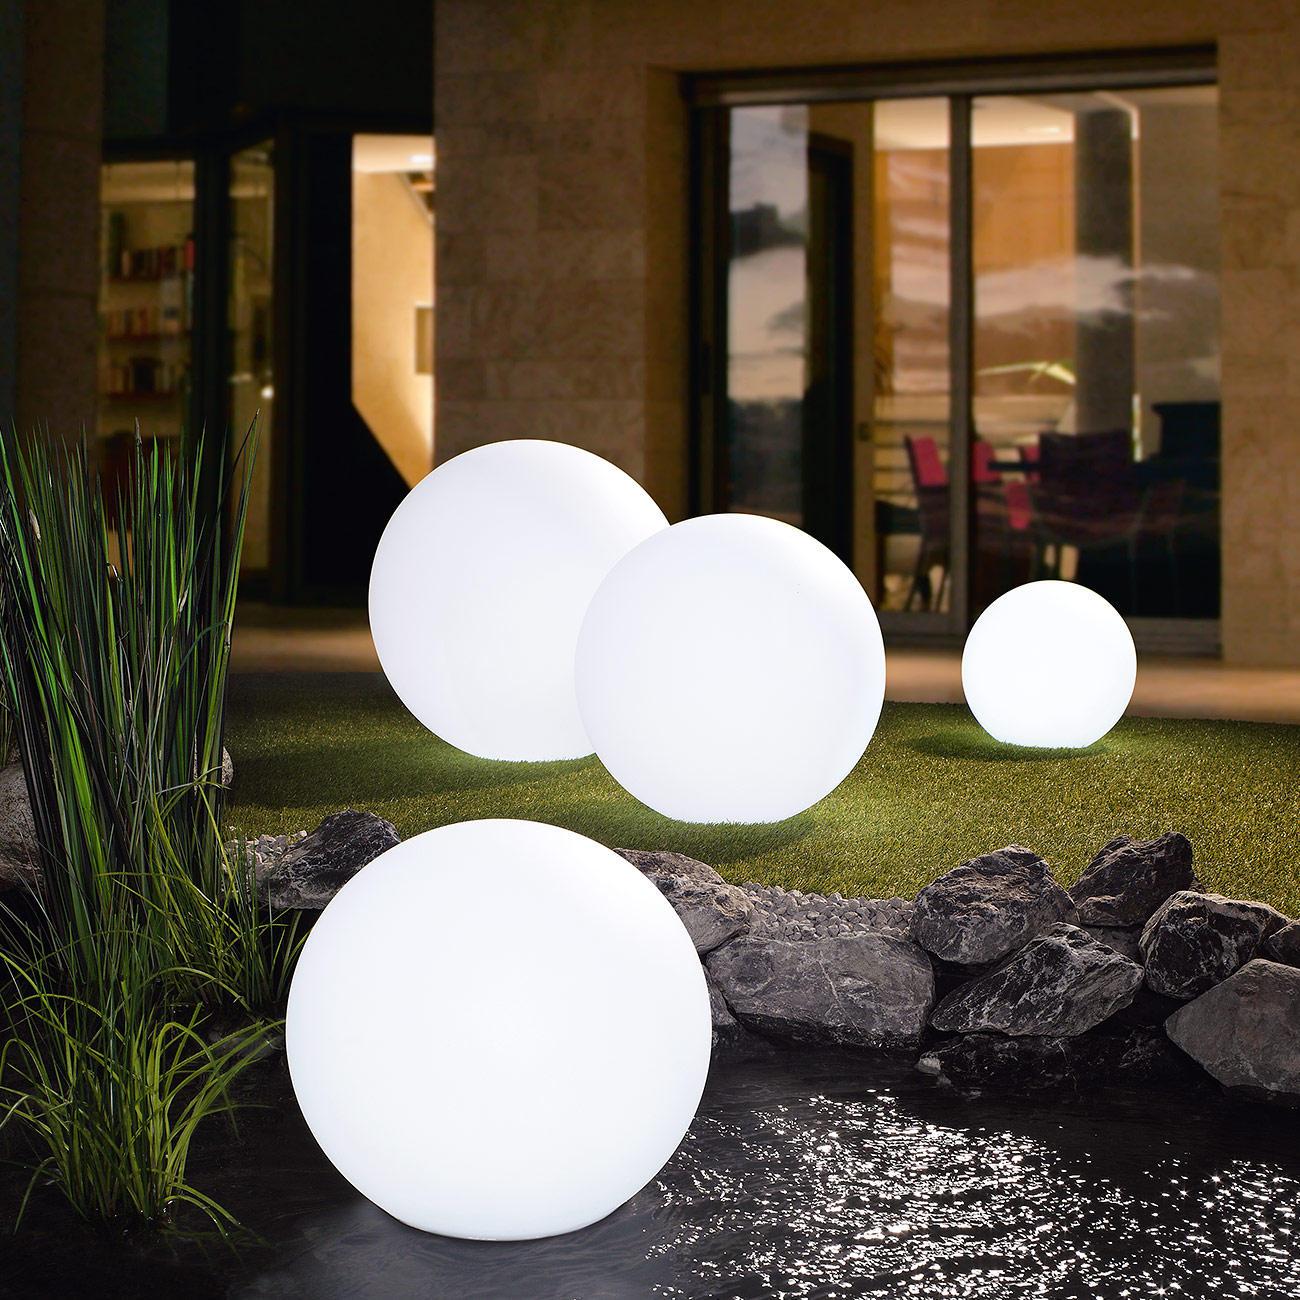 led akku leuchtkugel 3 jahre garantie pro idee. Black Bedroom Furniture Sets. Home Design Ideas